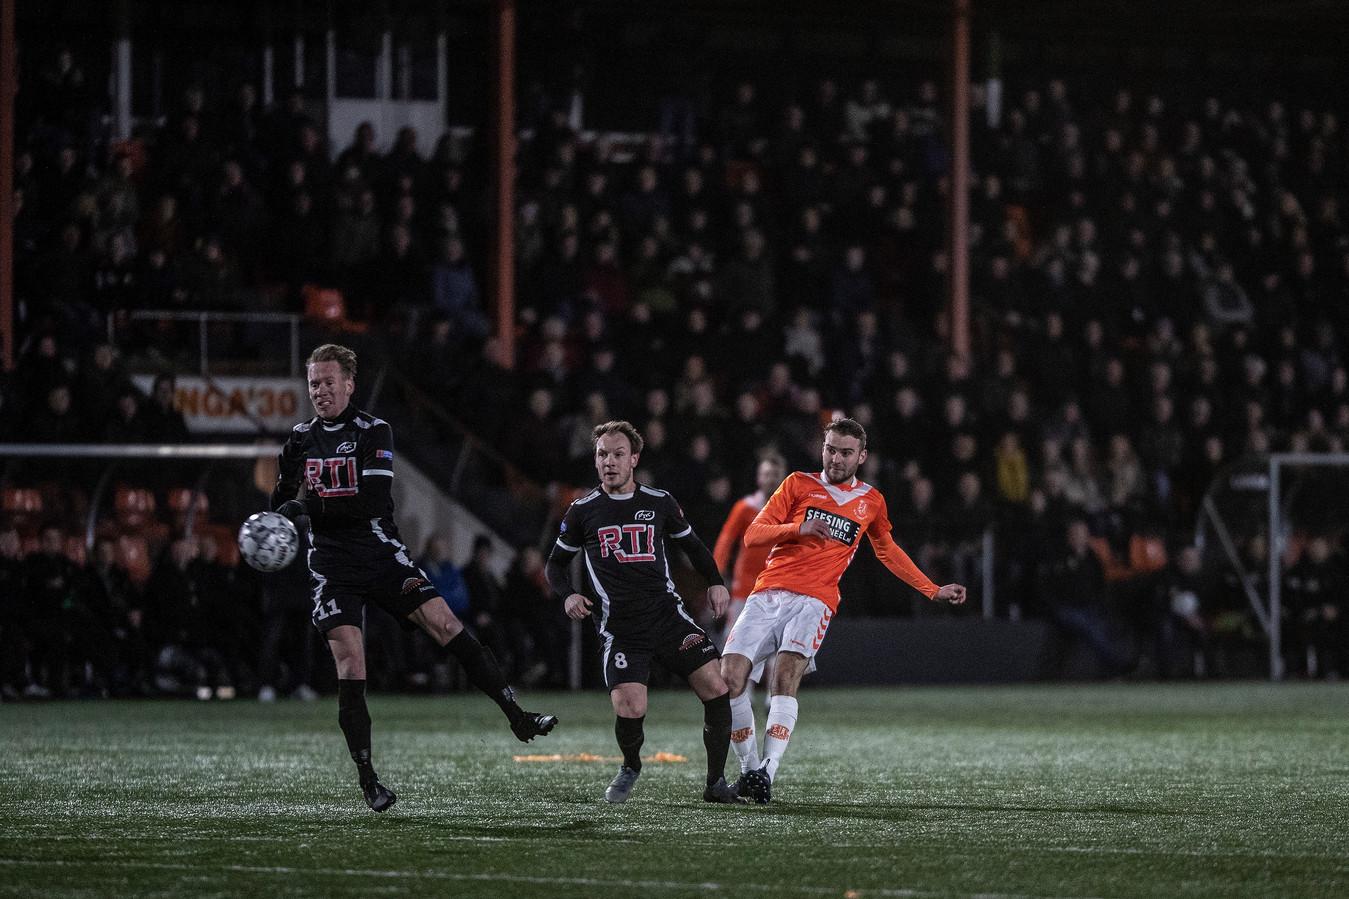 Alle Achterhoekse derby's in de hoofdklasse B worden op zaterdagavond gespeeld.